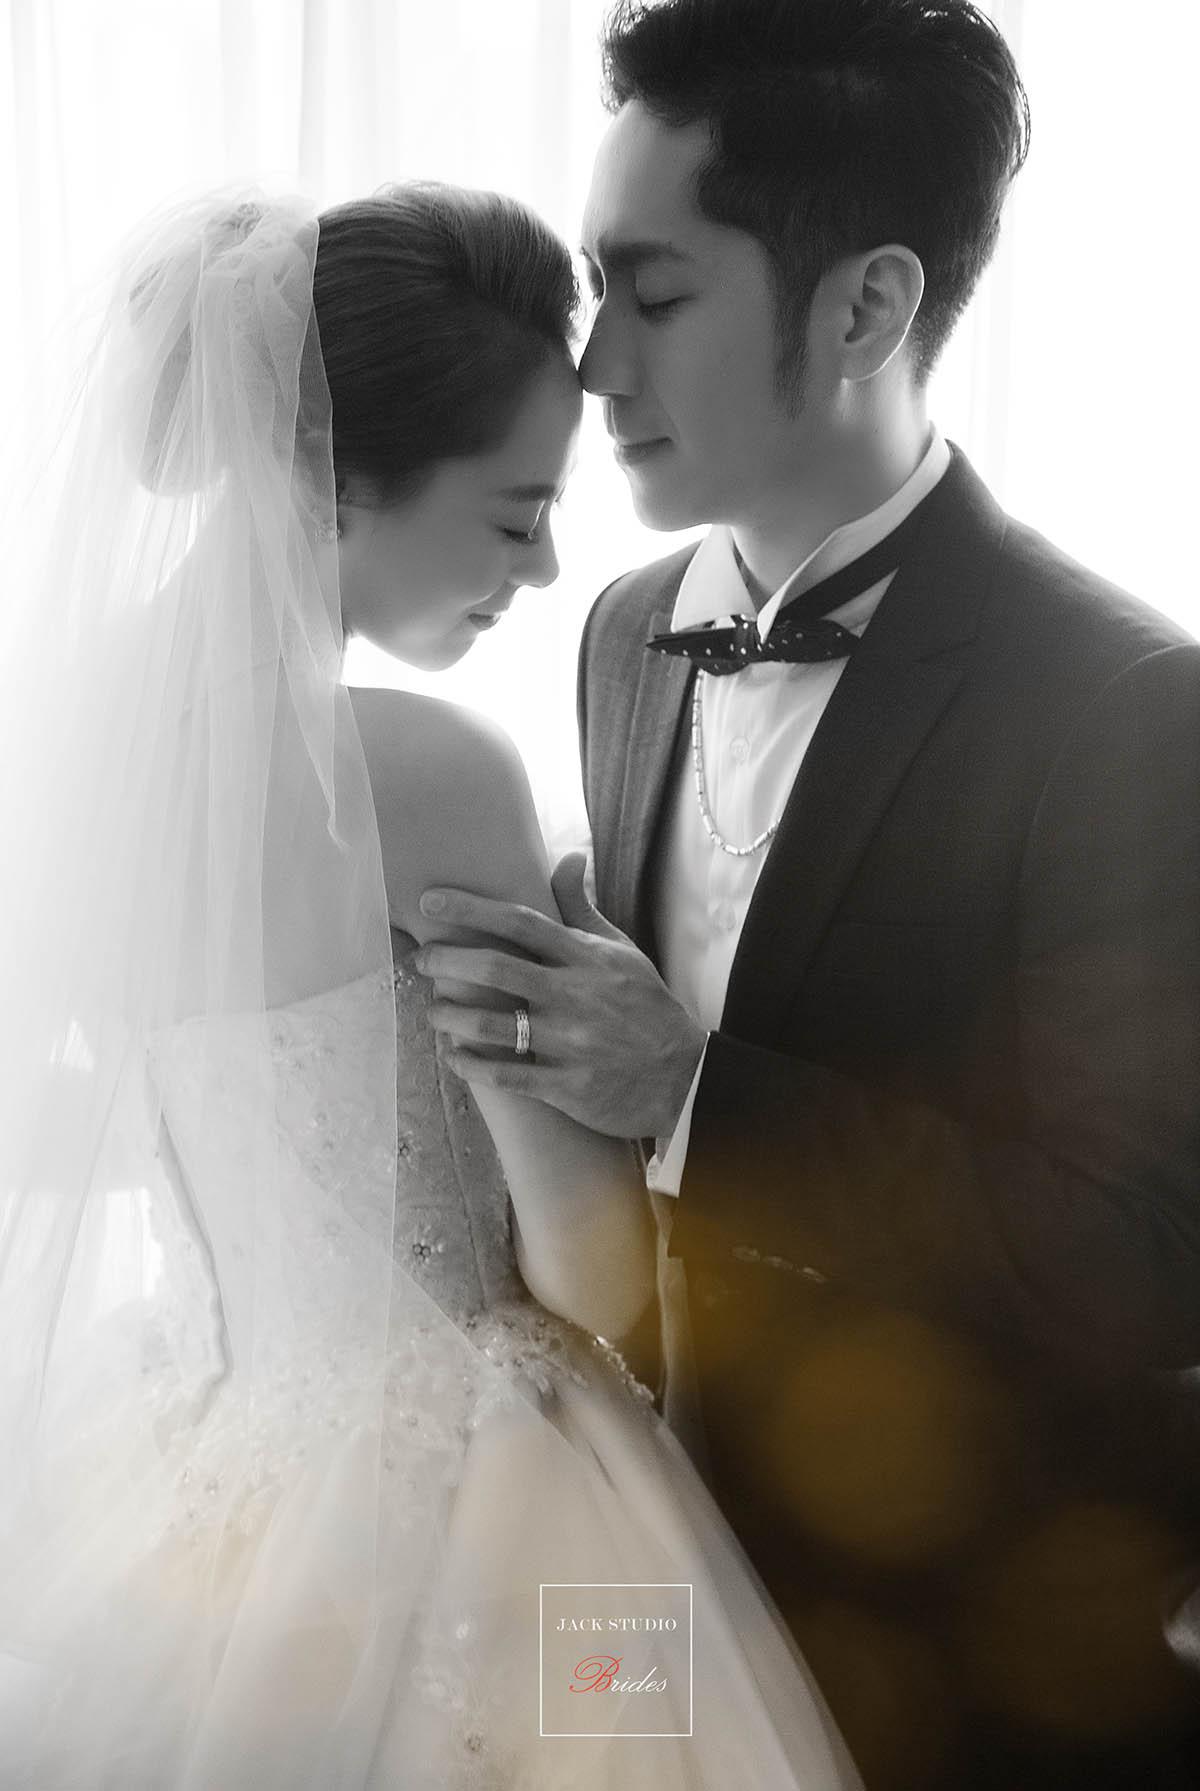 婚禮紀錄,婚禮攝影,婚禮習俗